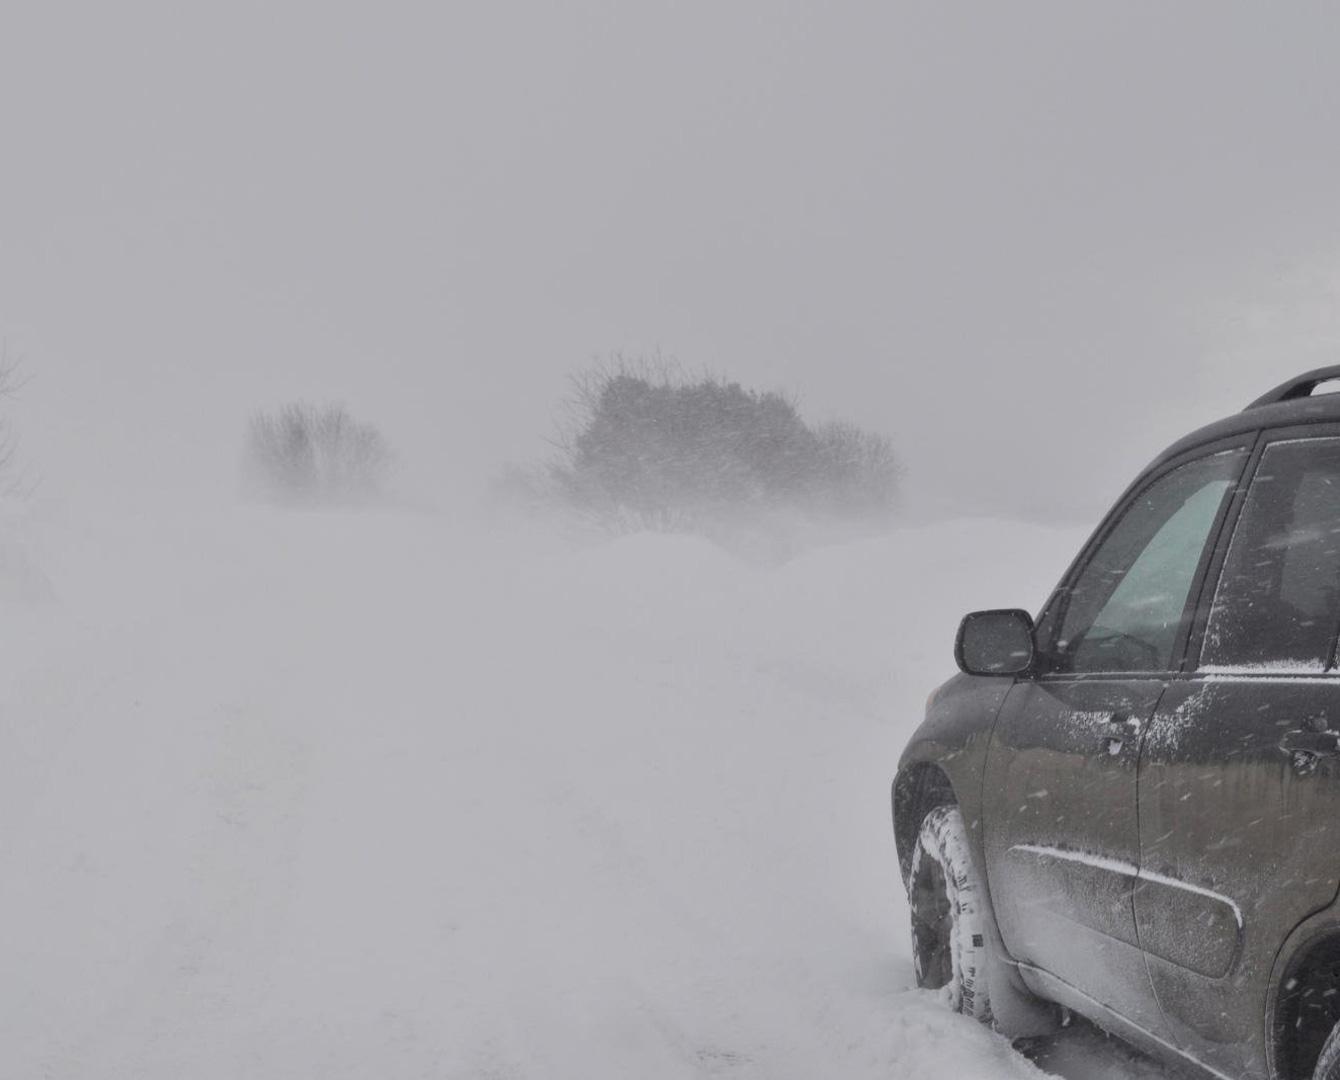 Из-за непогоды закрыты автодороги в восьми областях Казахстана